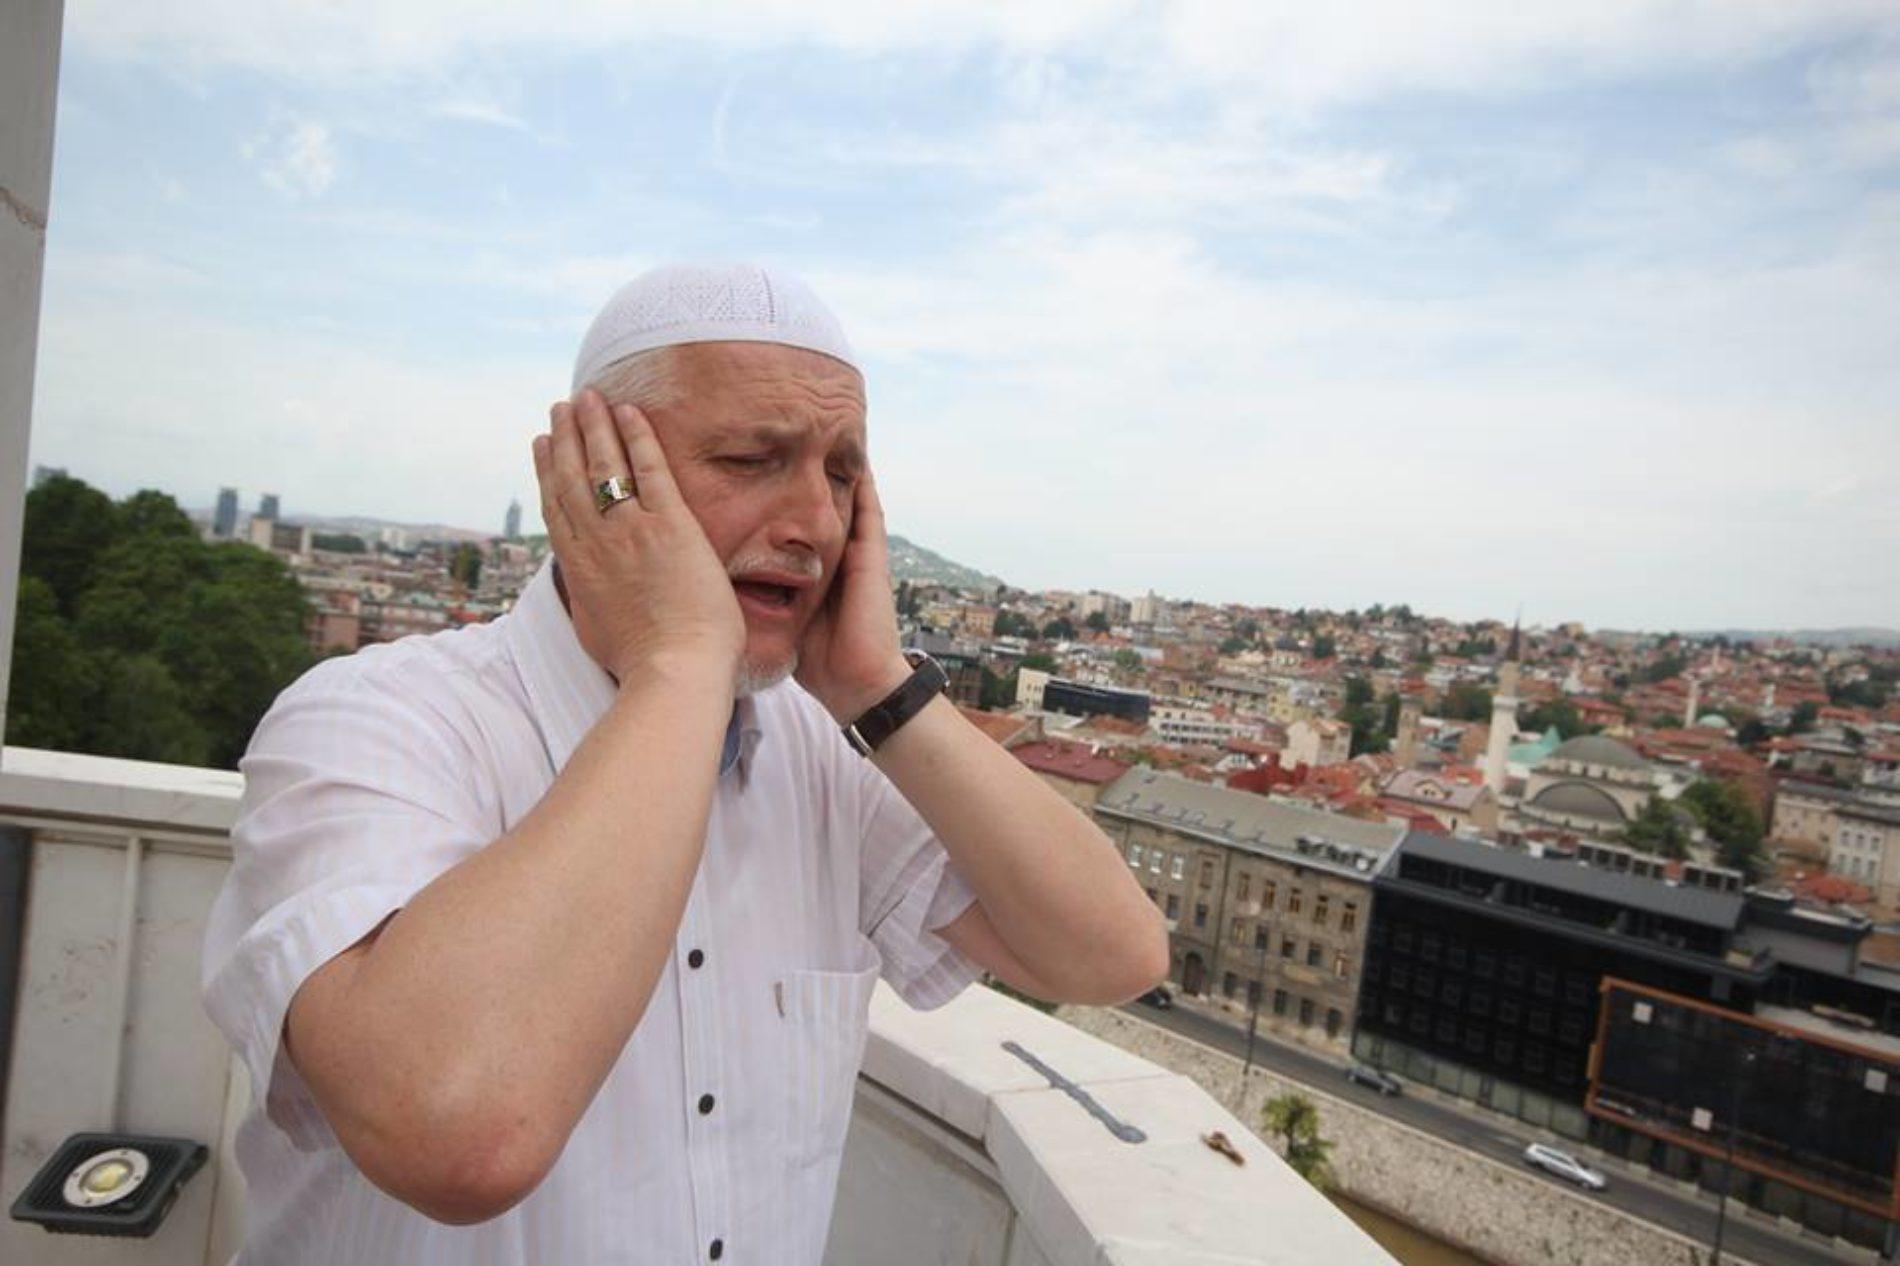 Mujezin Careve džamije hafiz Selim ef. Hoši 30 godina vjernike poziva na molitvu